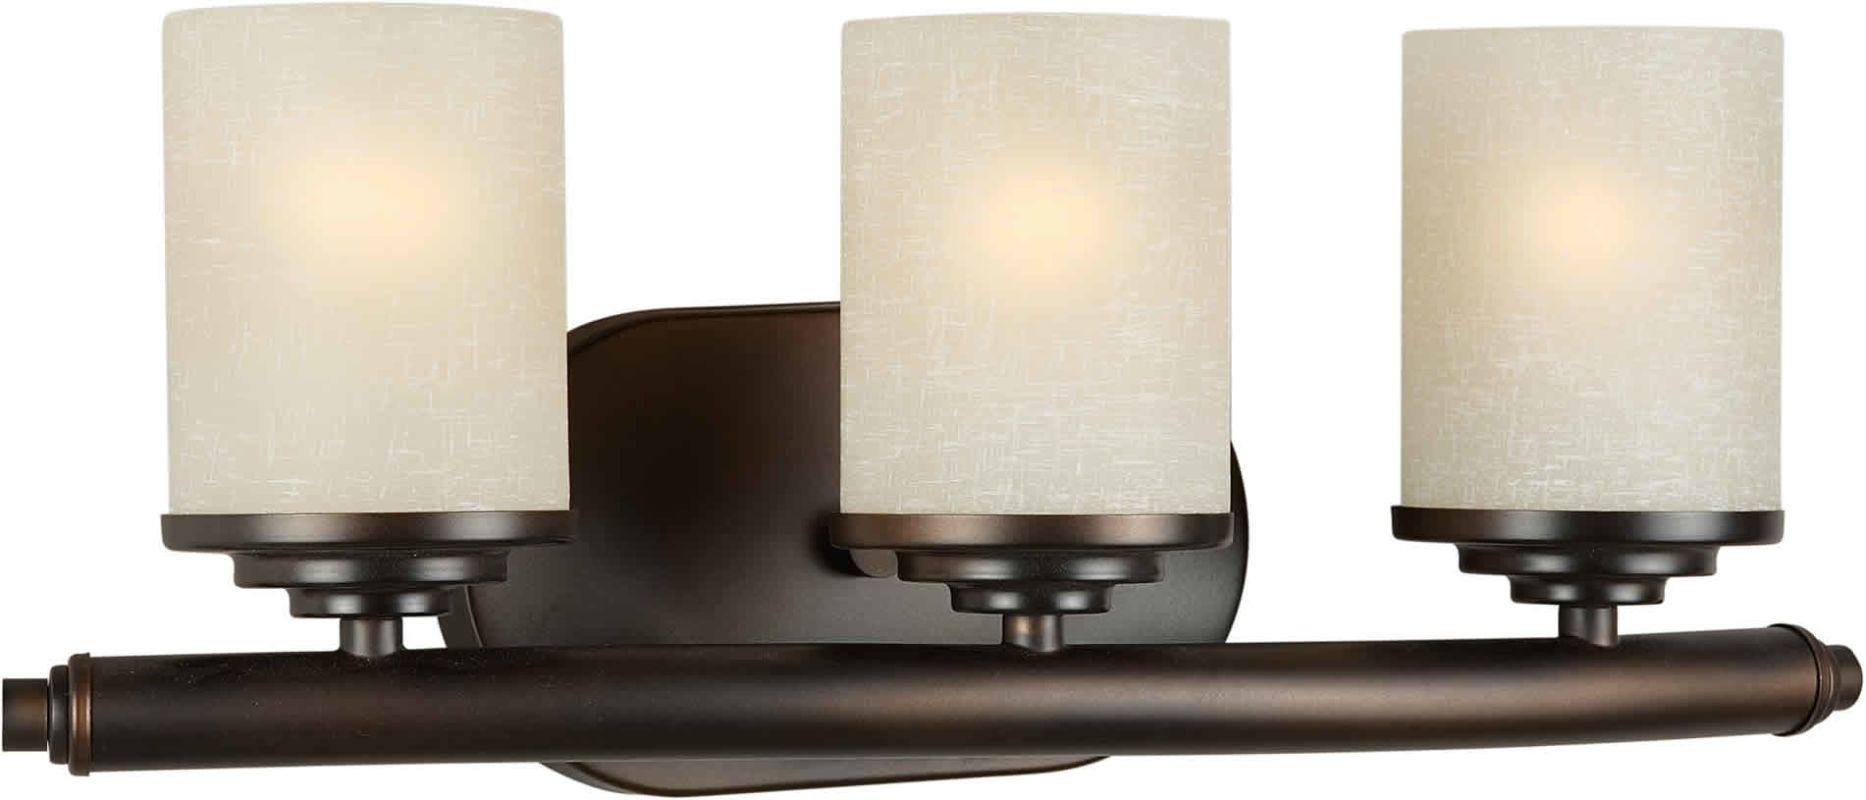 Forte Lighting 5105-03 3 Light Wall Sconce Antique Bronze Indoor